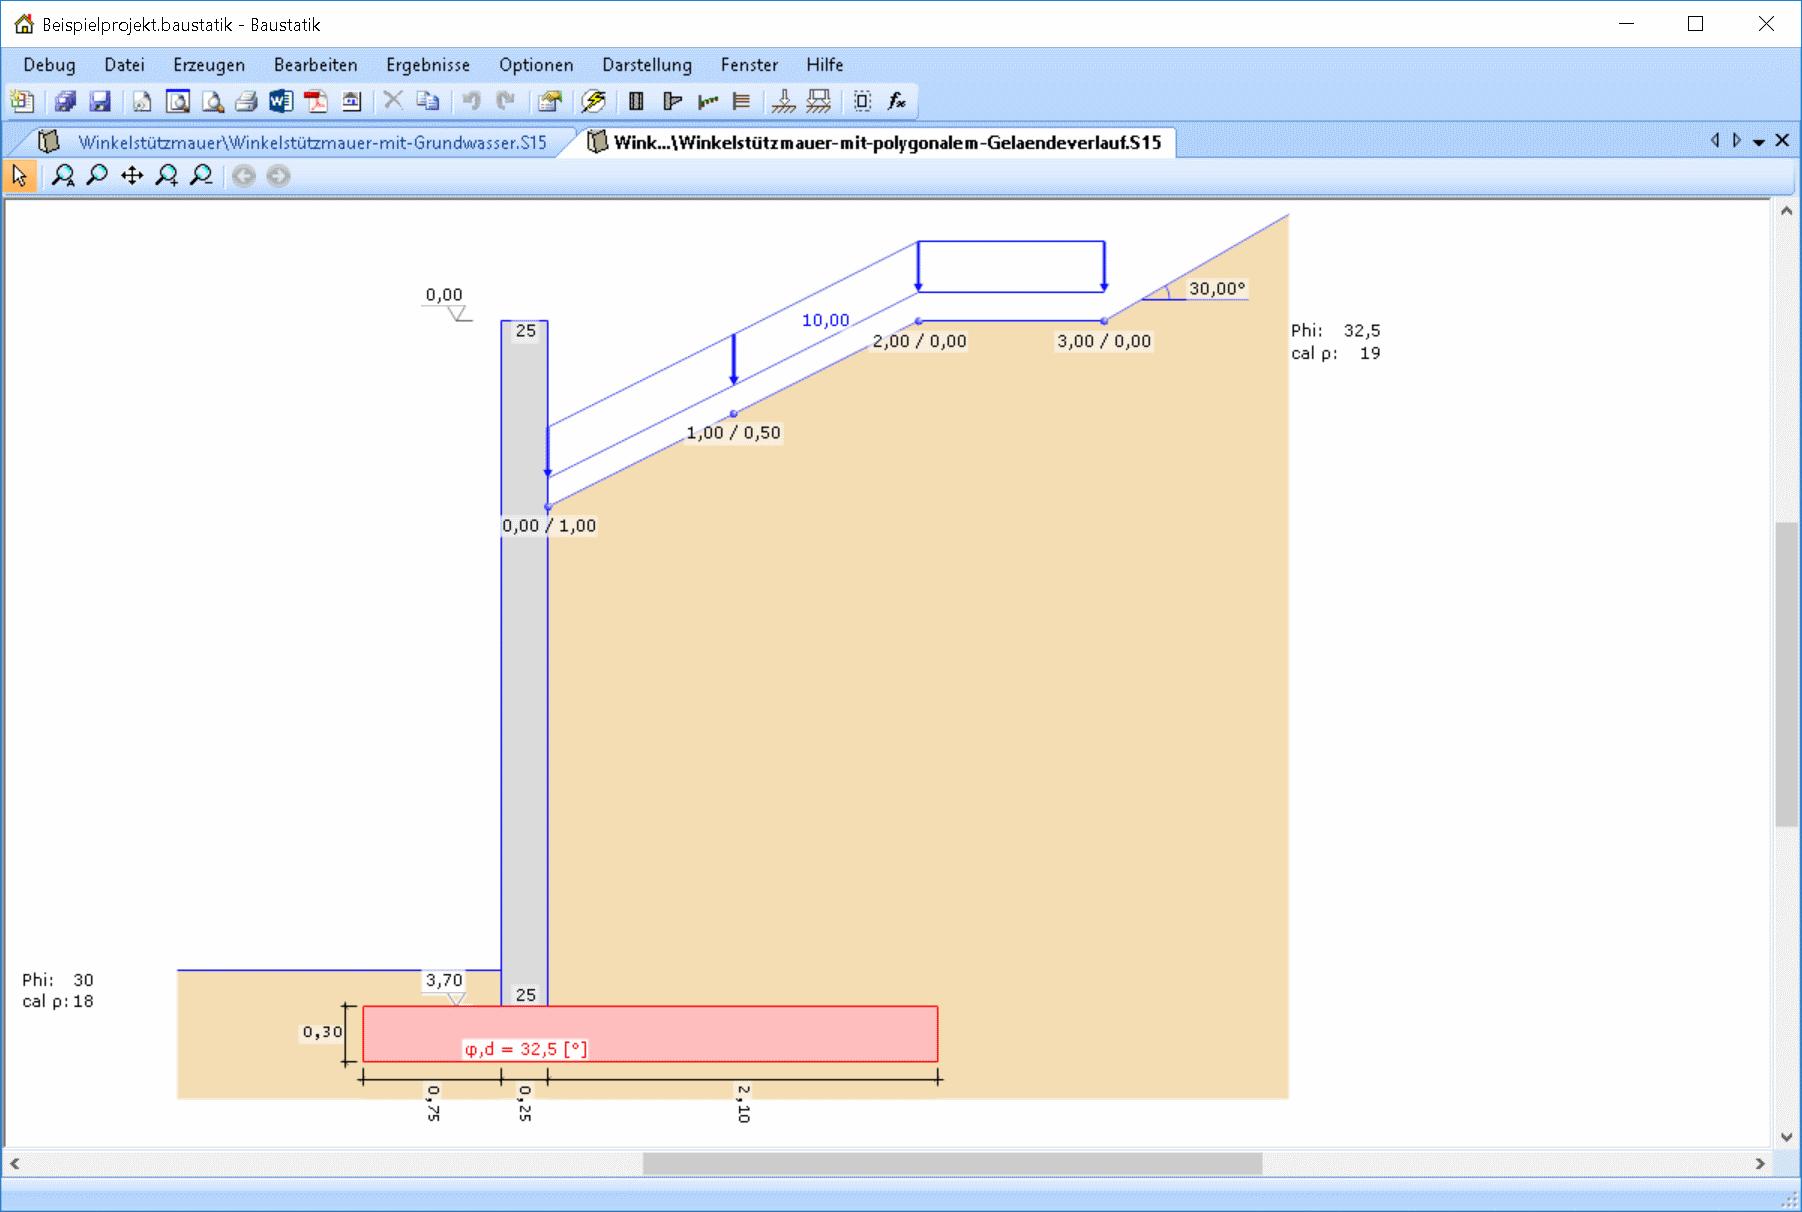 Winkelstützmauer mit polygonalem Geländeverlauf